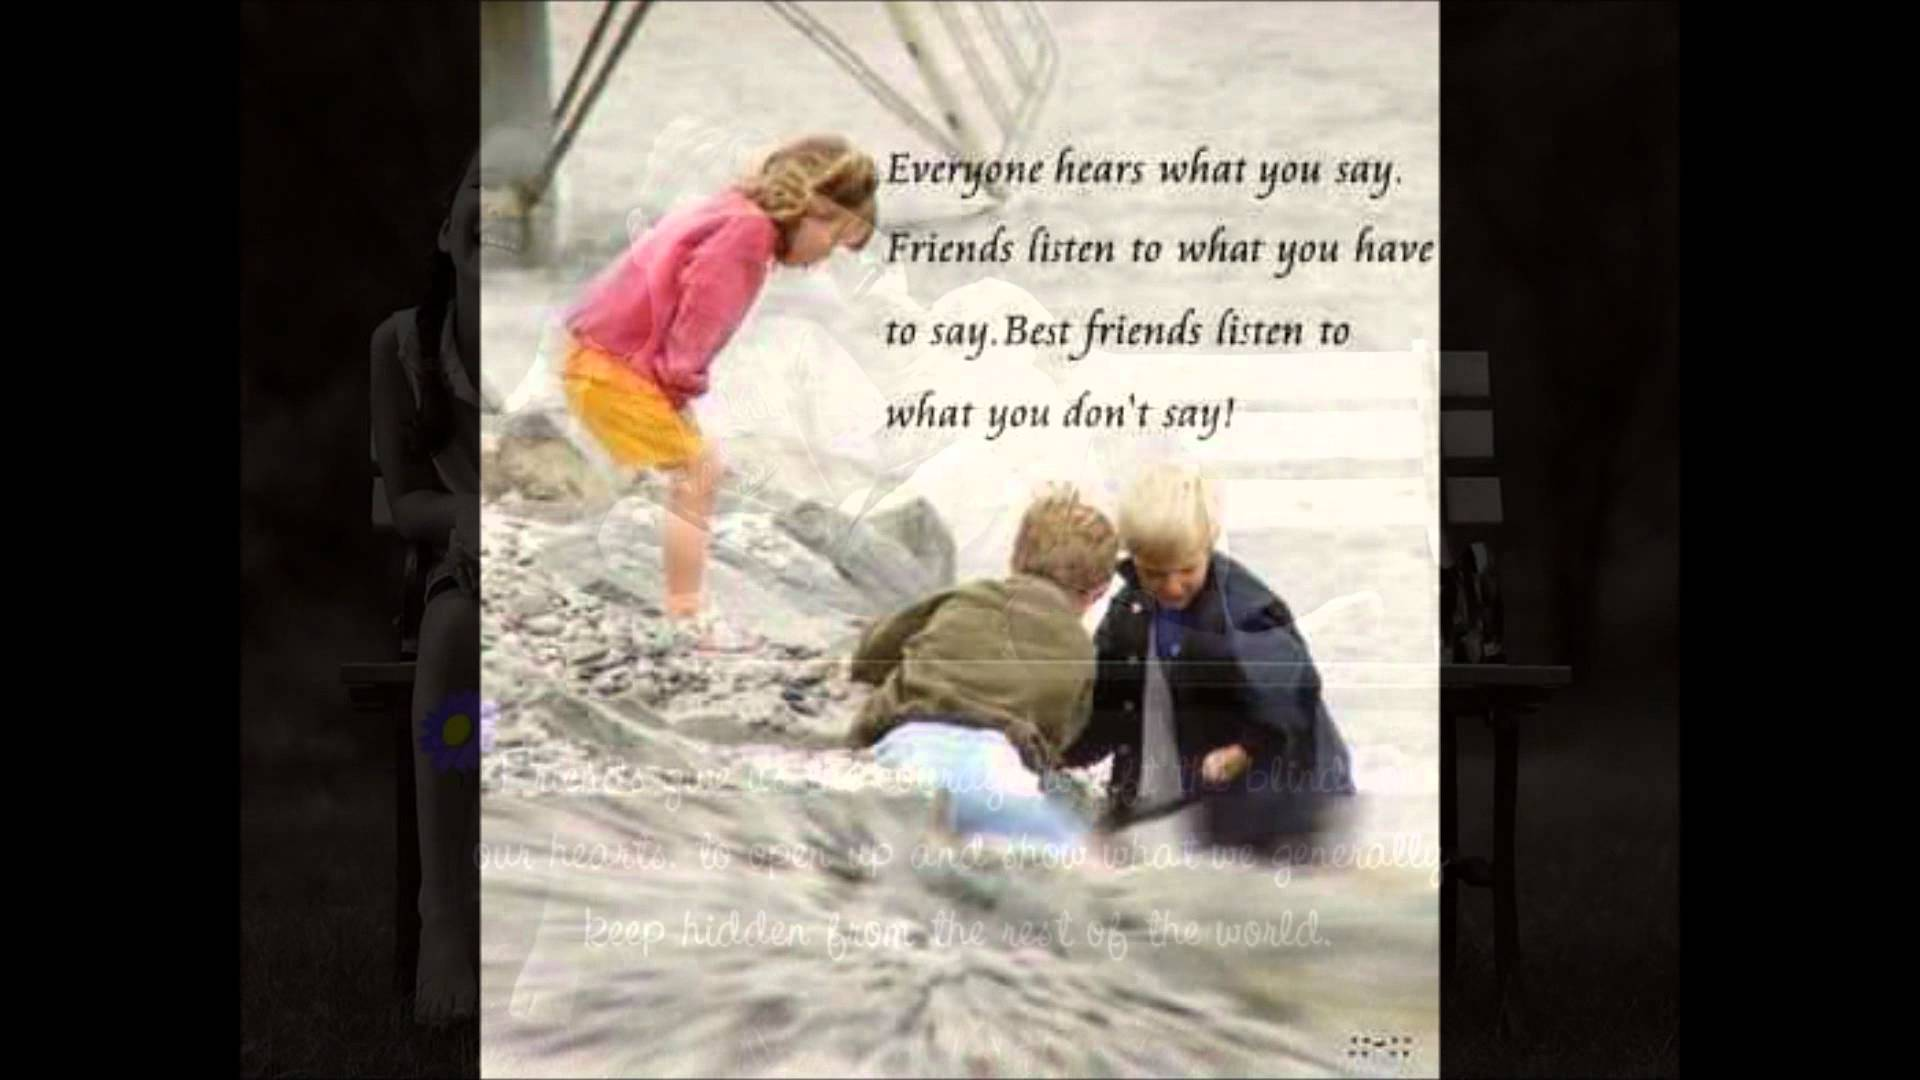 صوره امثال وحكم عن الصداقة بالانجليزي